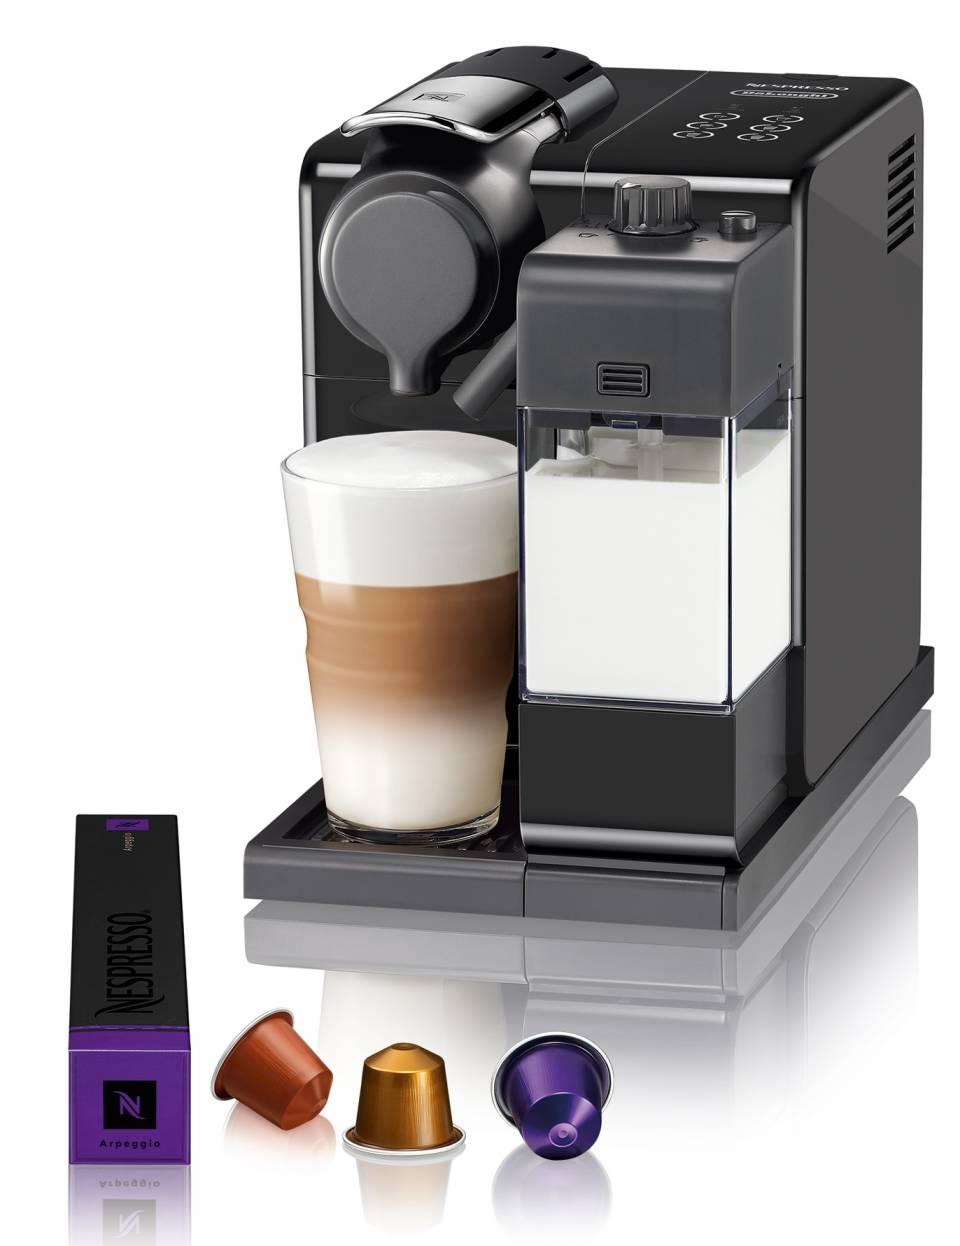 De'Longhi Kaffeemaschine Lattissima Touch mit Direktwahltasten.